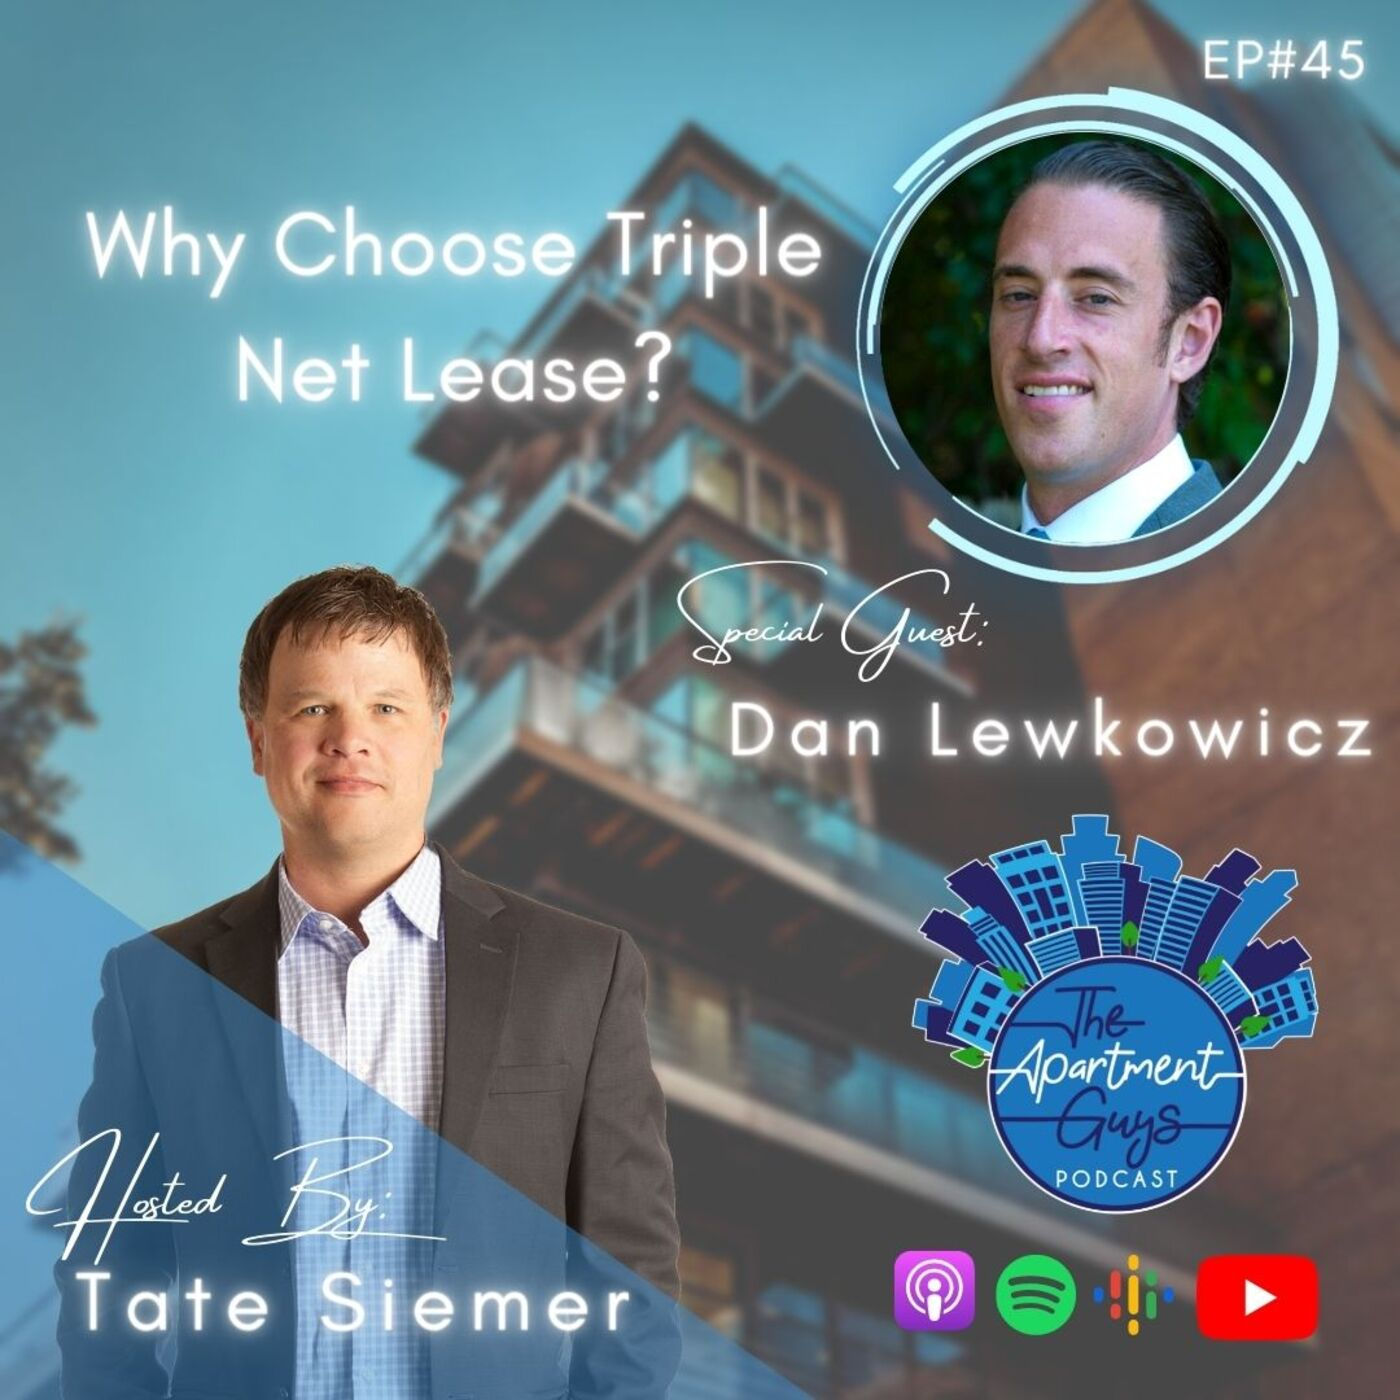 Episode 045: Dan Lewkowicz - Why Choose Triple Net Lease